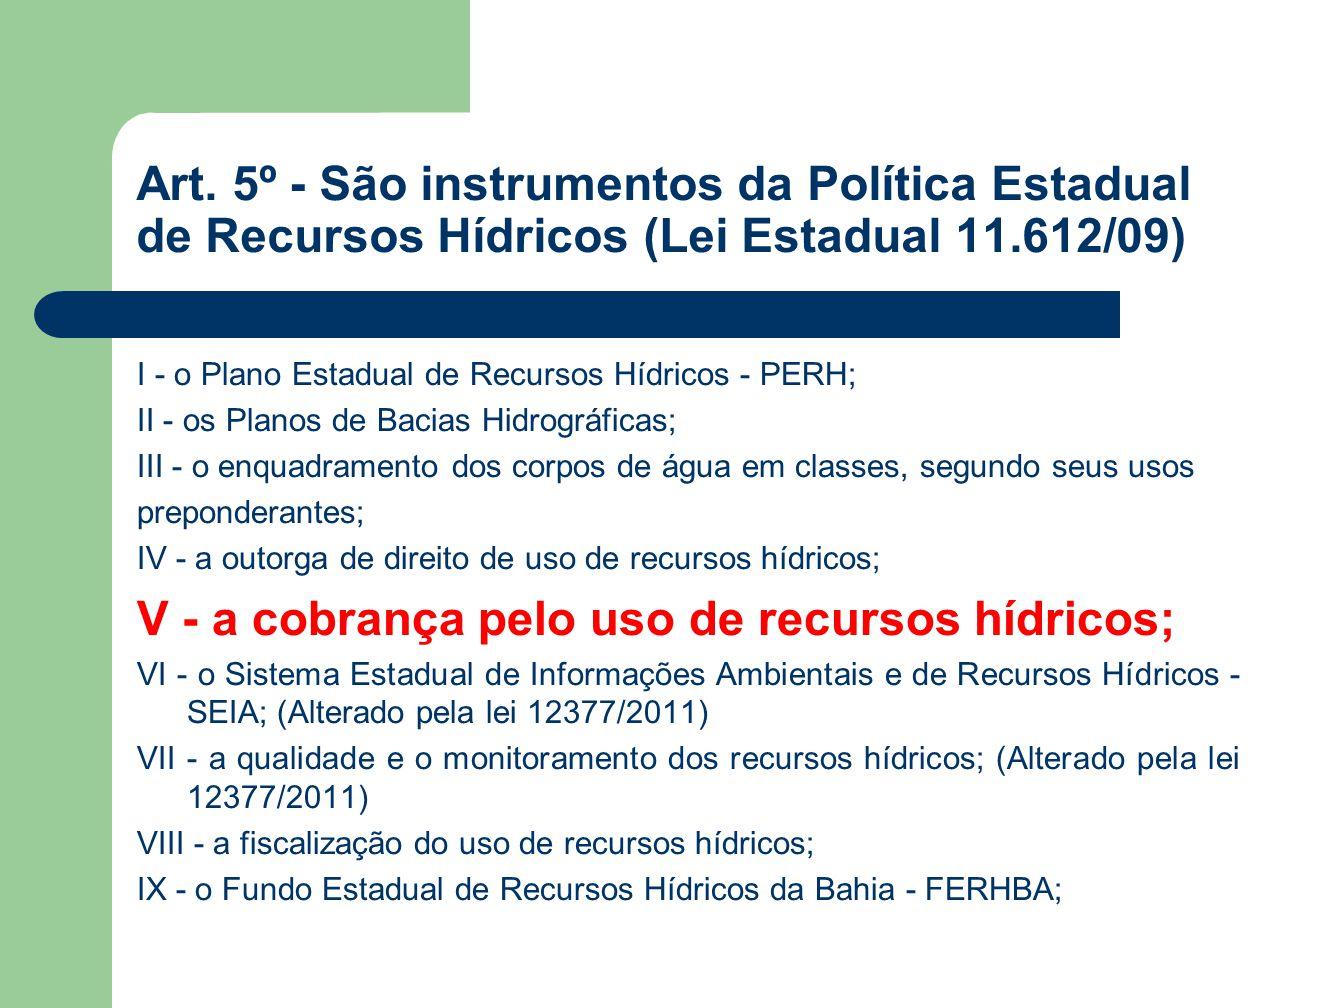 Art. 5º - São instrumentos da Política Estadual de Recursos Hídricos (Lei Estadual 11.612/09) I - o Plano Estadual de Recursos Hídricos - PERH; II - o